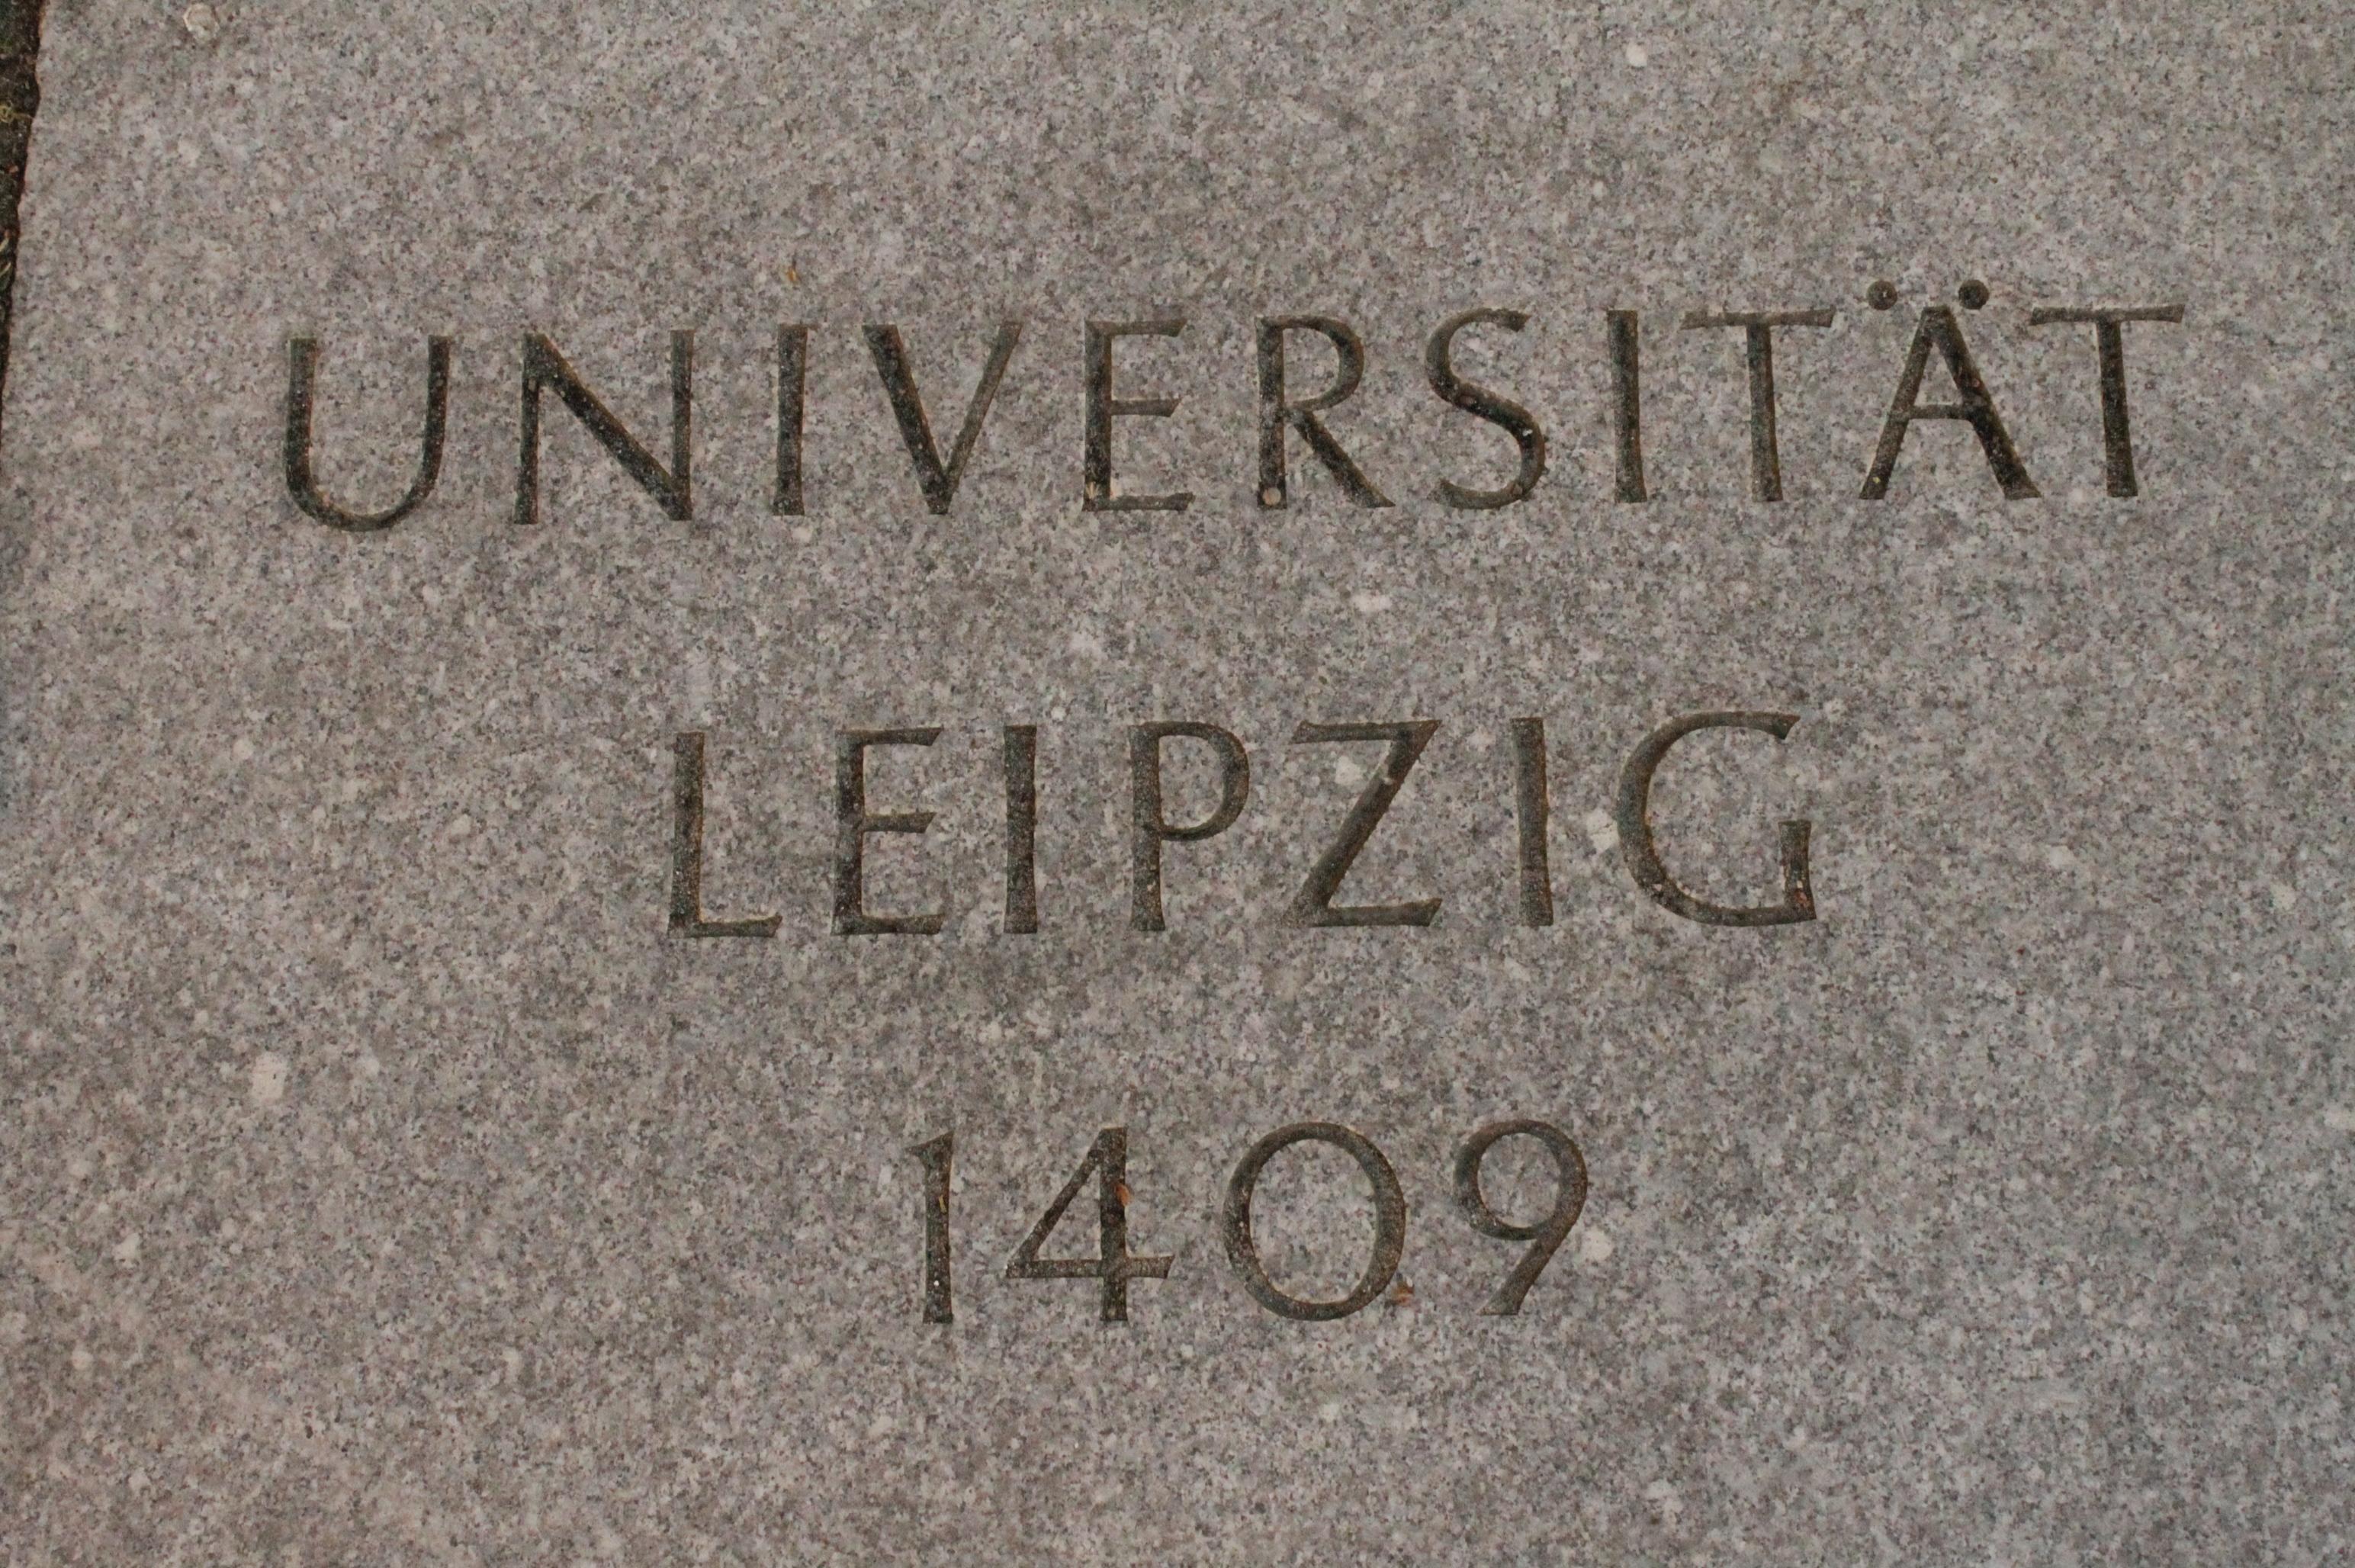 Leipzig University Wikiwand